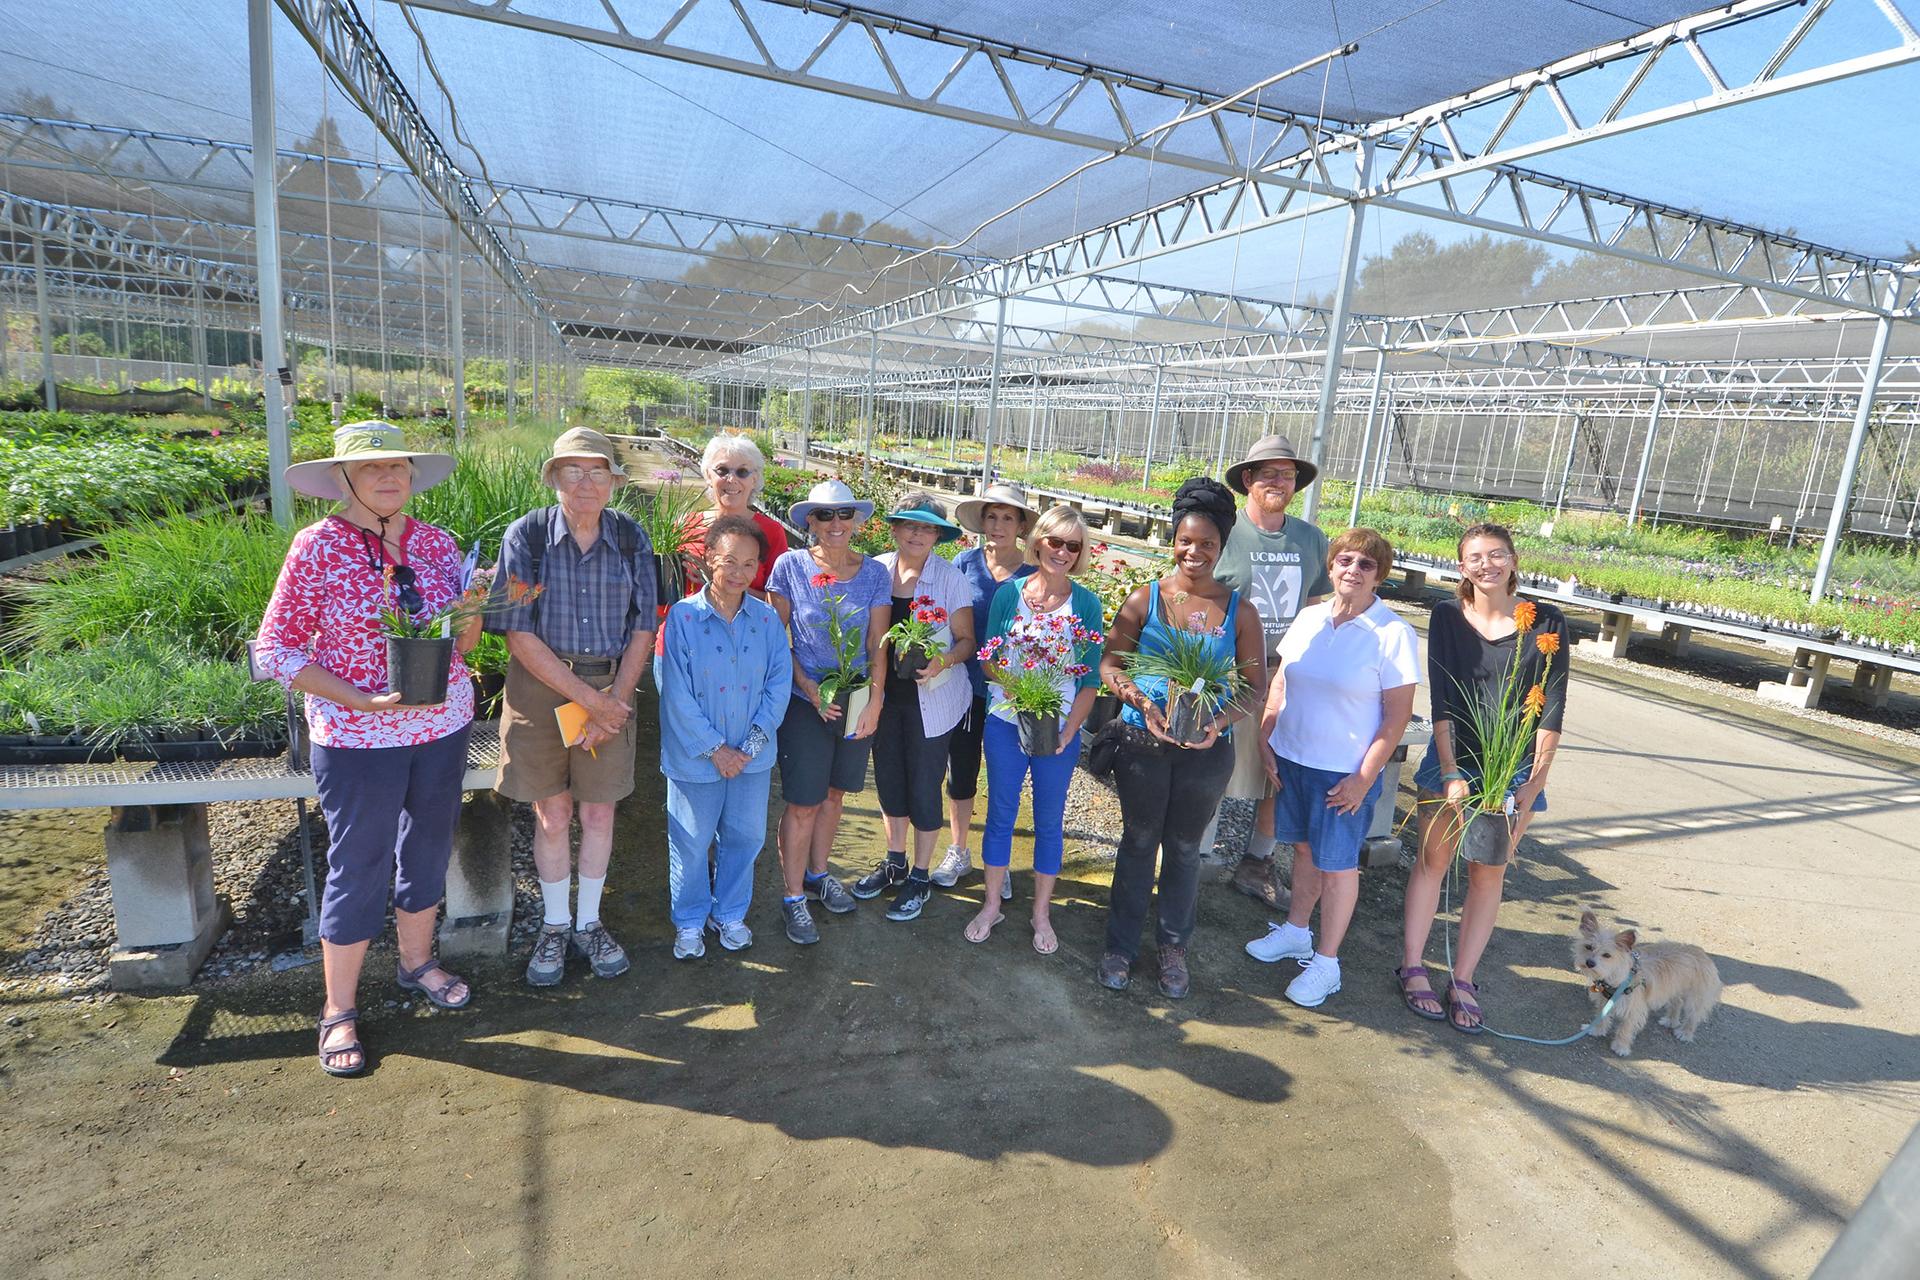 Plant Sales volunteers at the nursery